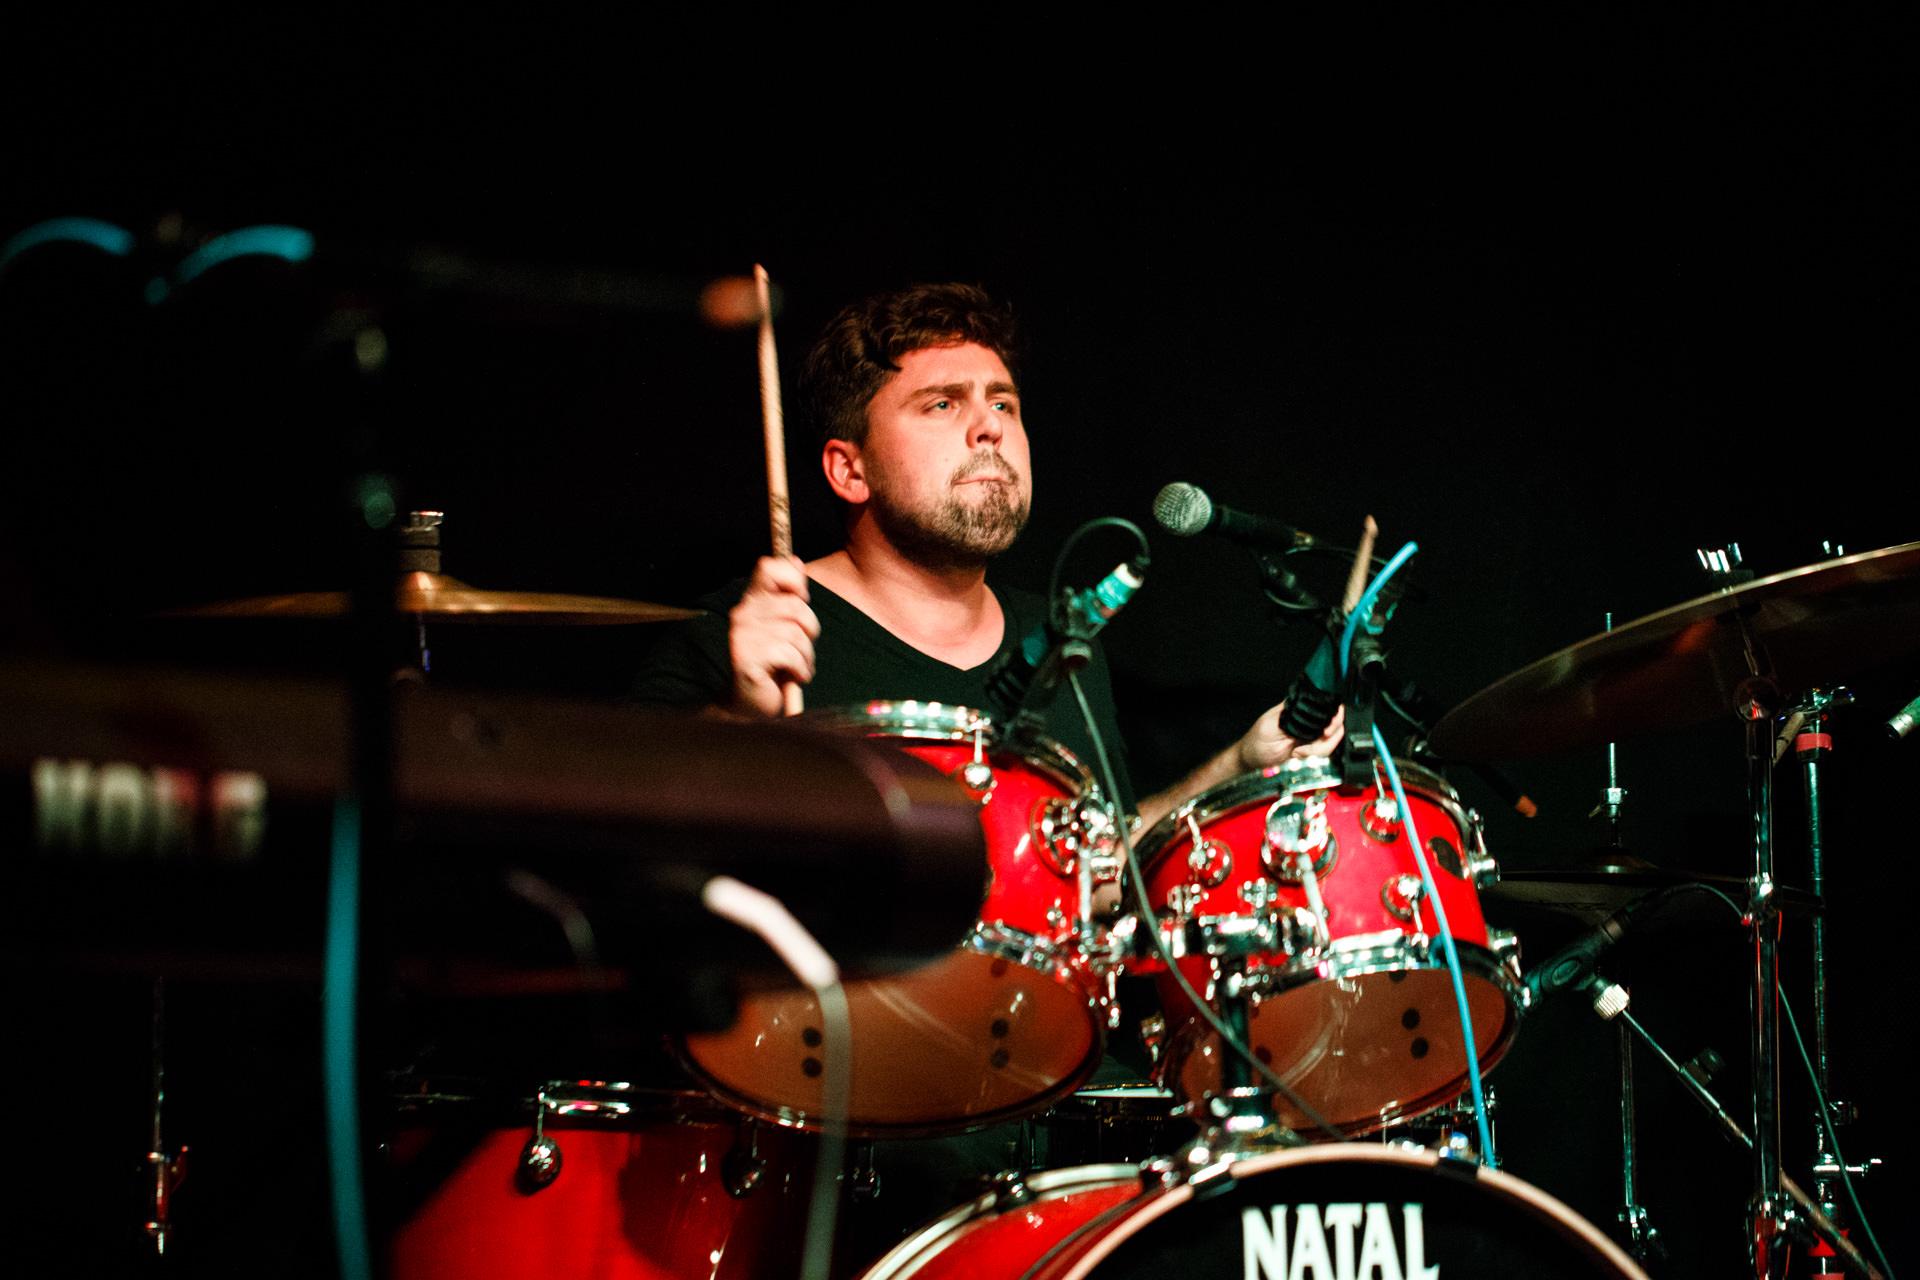 Allan Falcon – Drums & Percussion